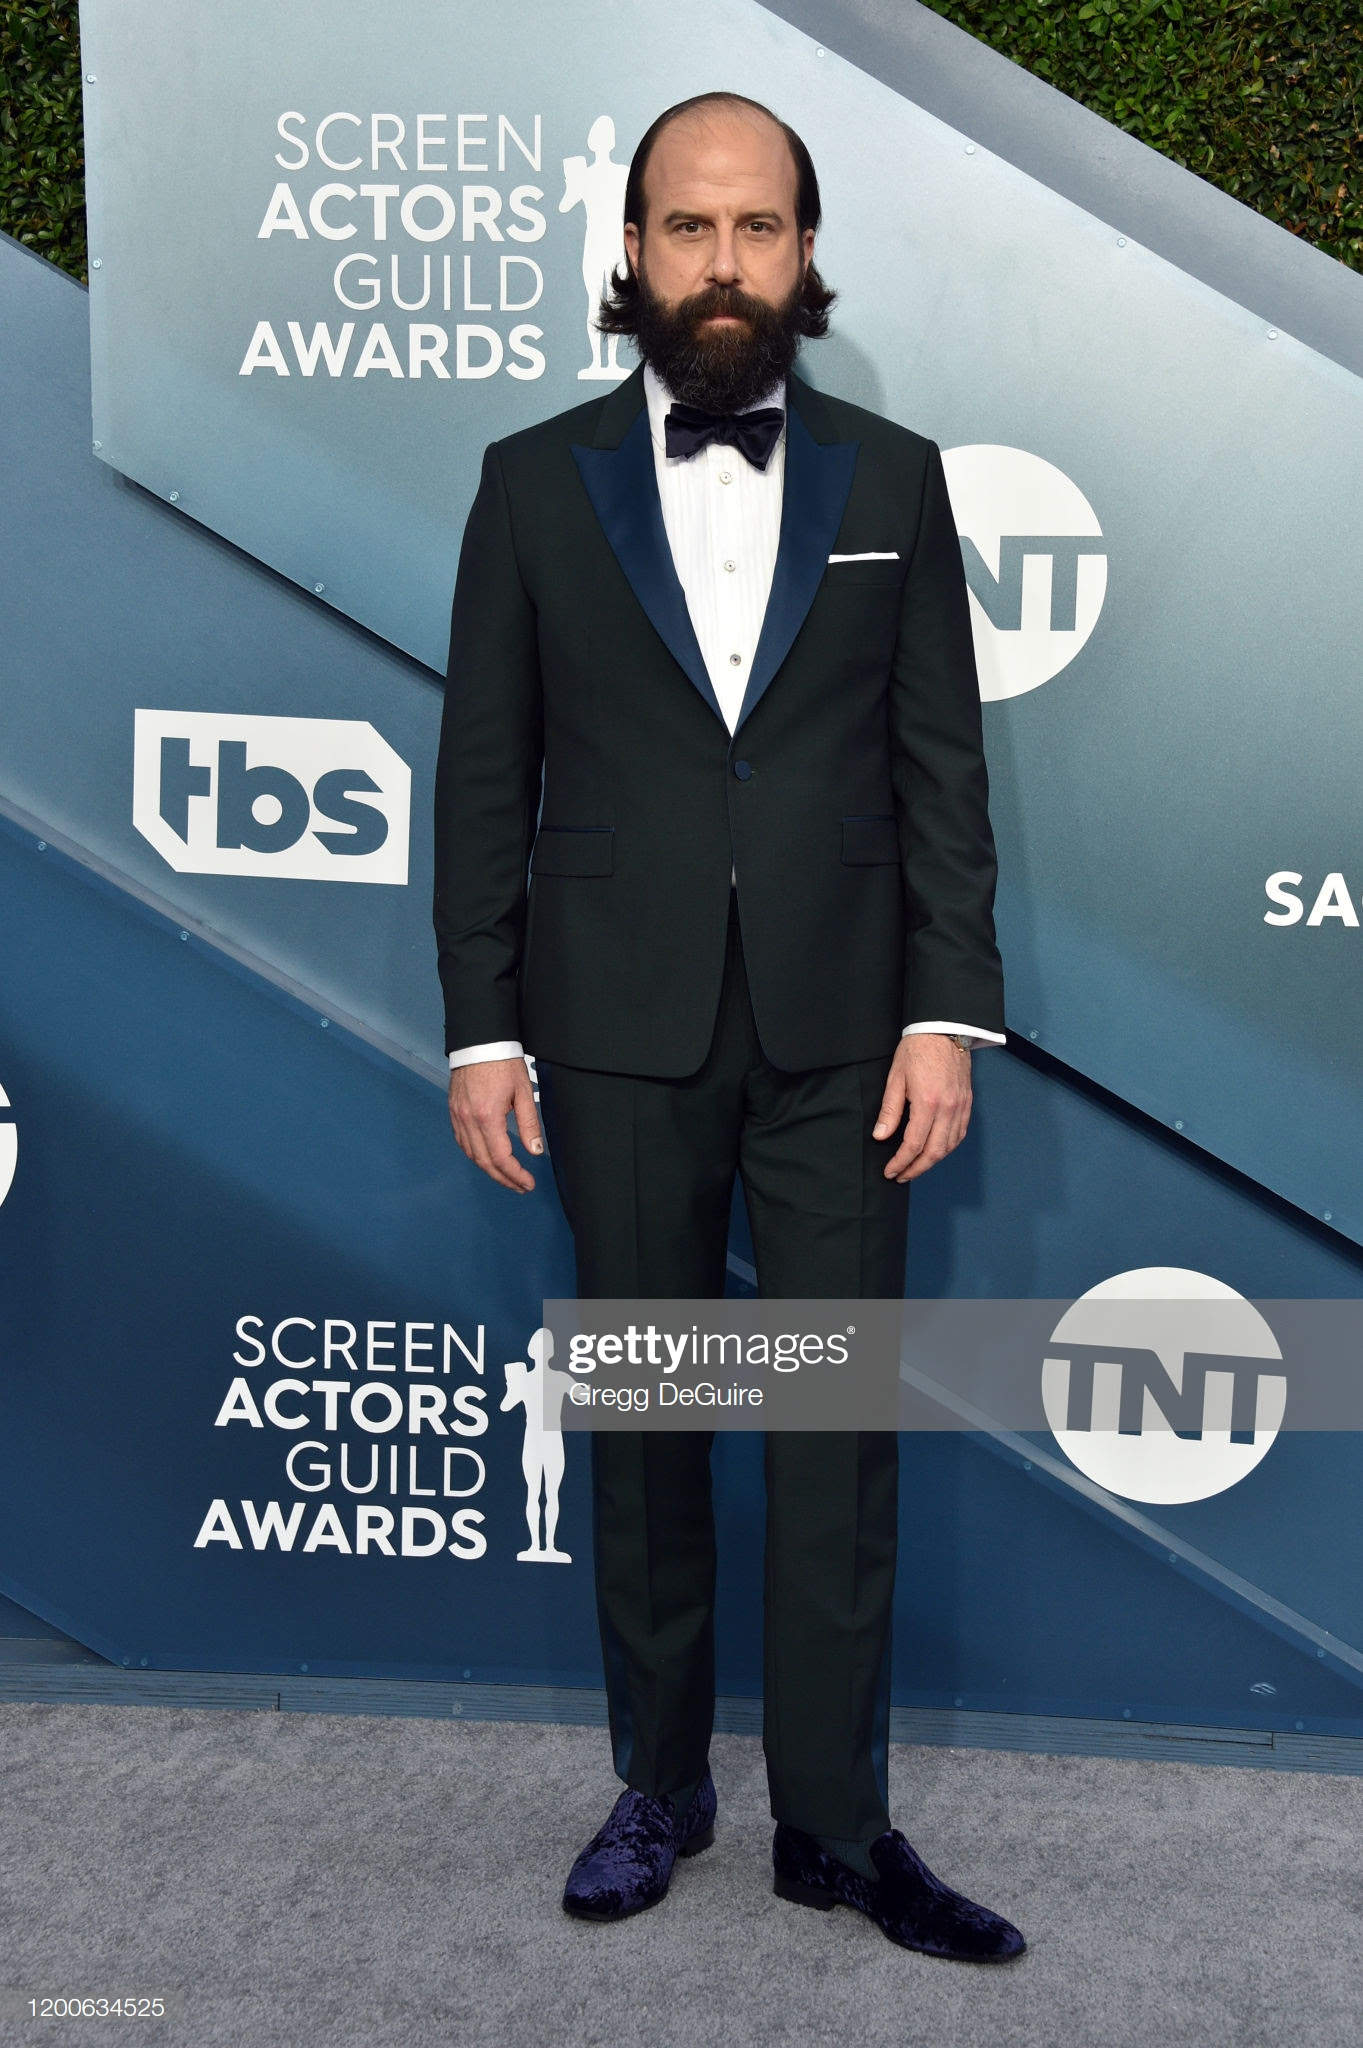 """37e15d3a c7e2 49de ae6f 0c62b982aa0c - Screen Actors Guild Awards"""" 2020: Scarlett Johansson y Leonardo Dicaprio entre las celebrities que lucieron Jimmy Choo"""